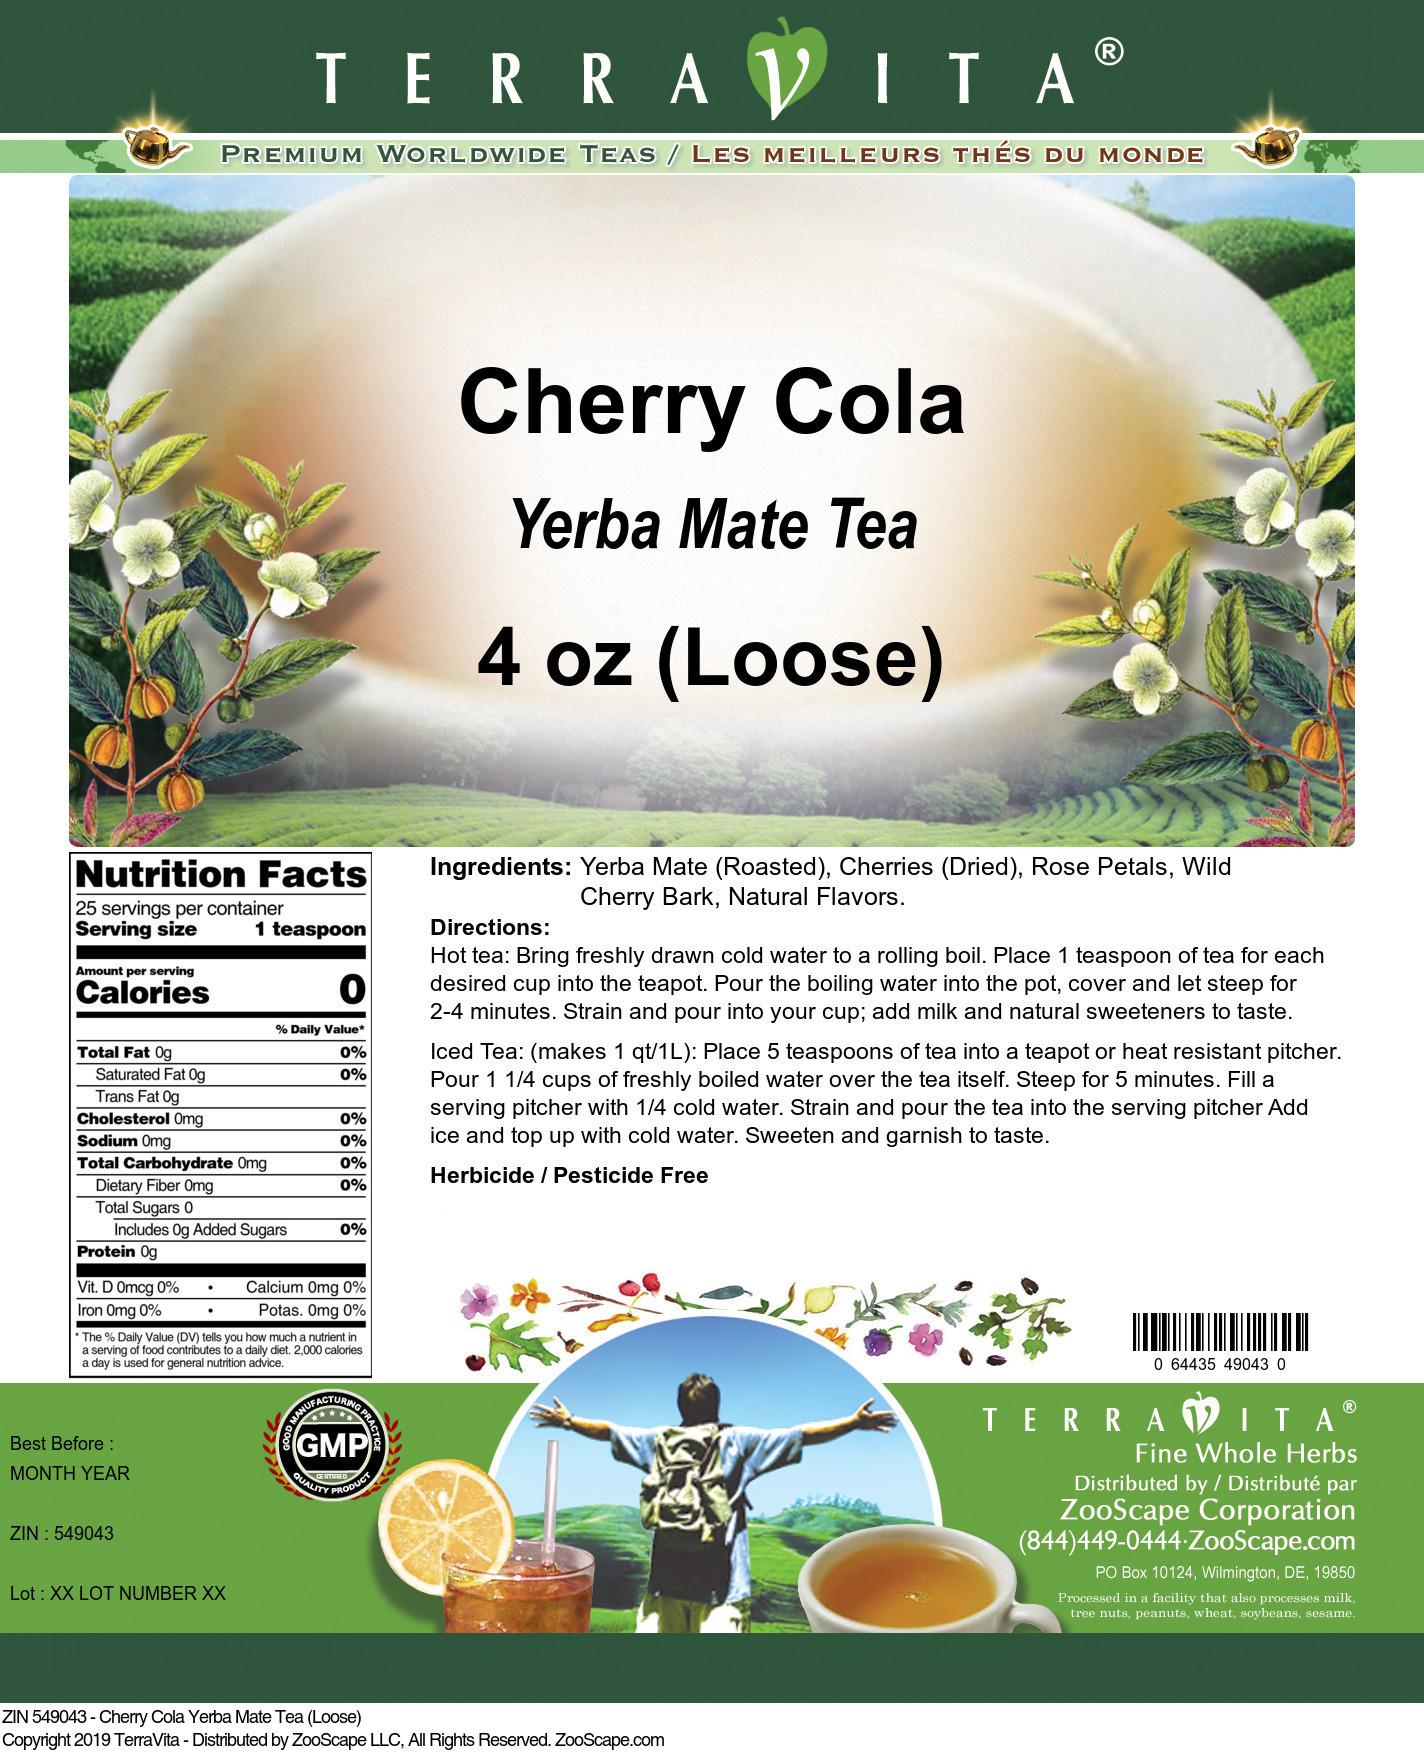 Cherry Cola Yerba Mate